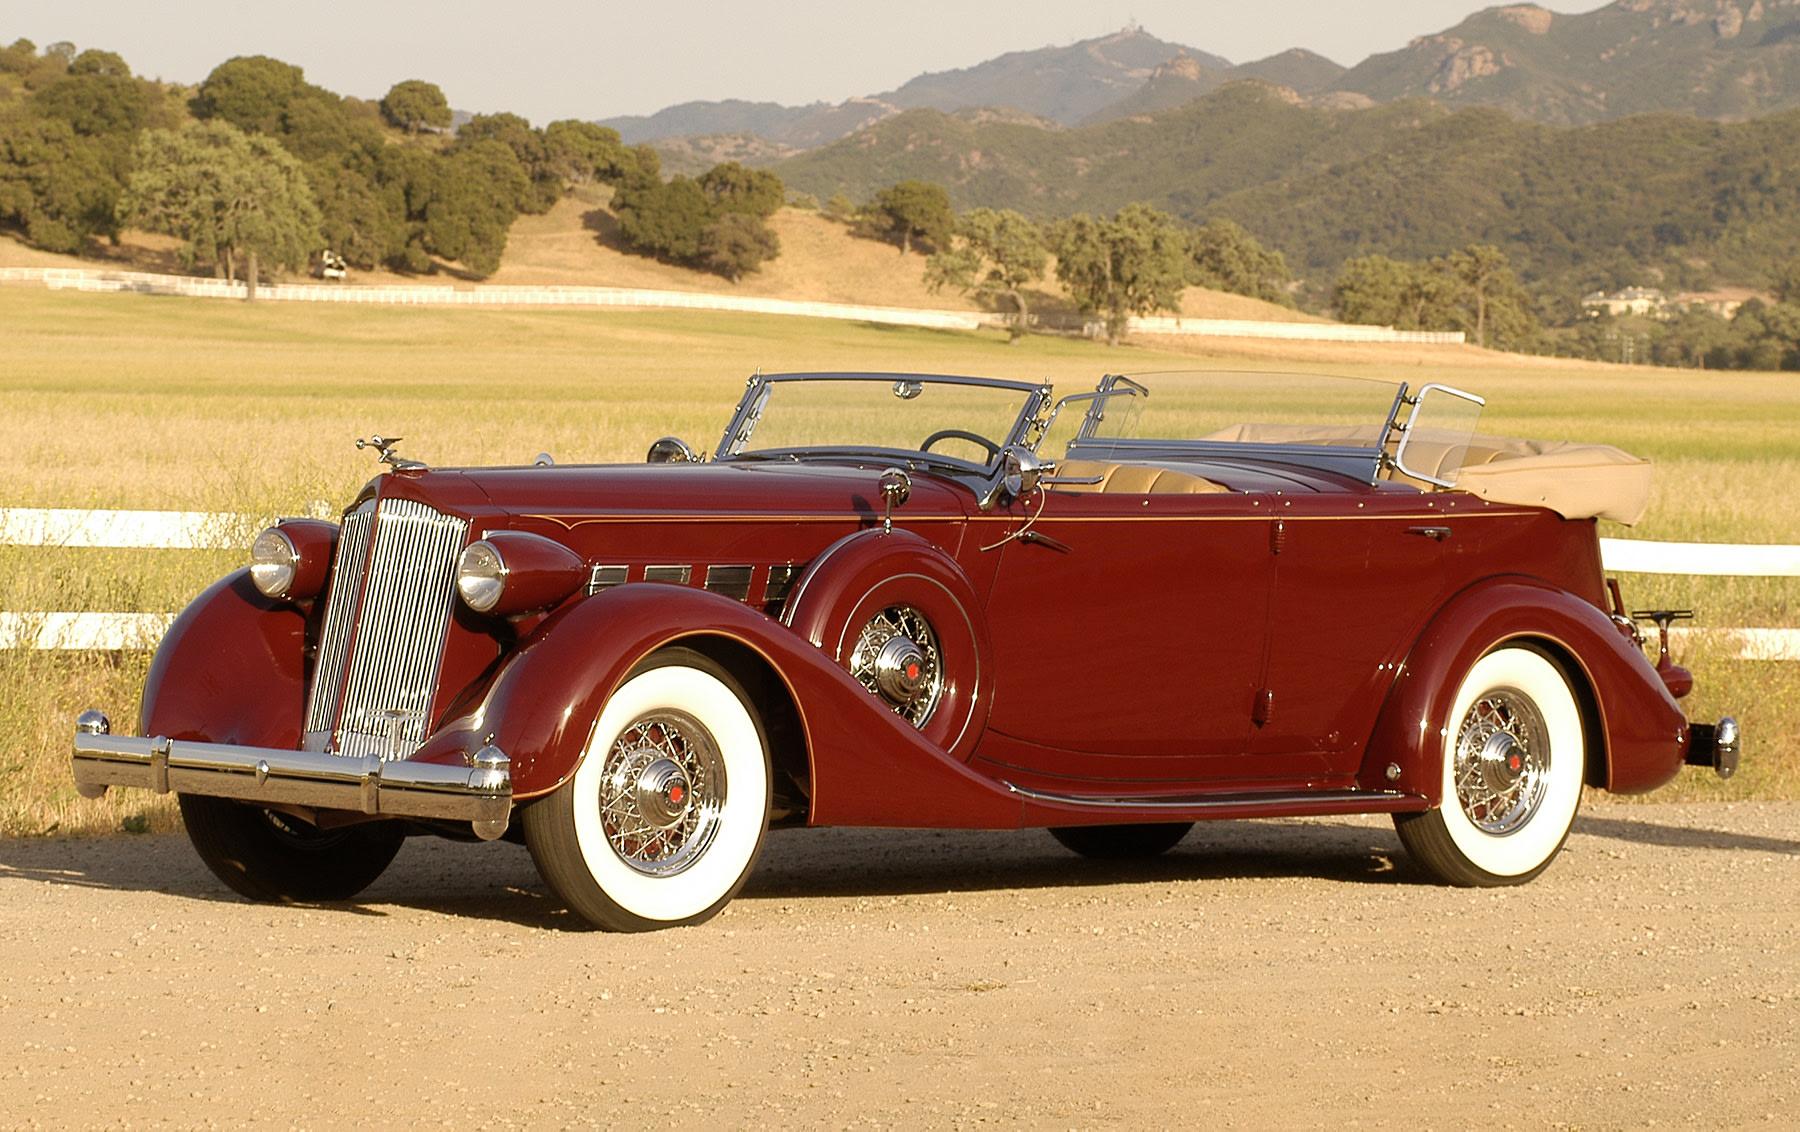 1936 Packard Super Eight Dual Cowl Sport